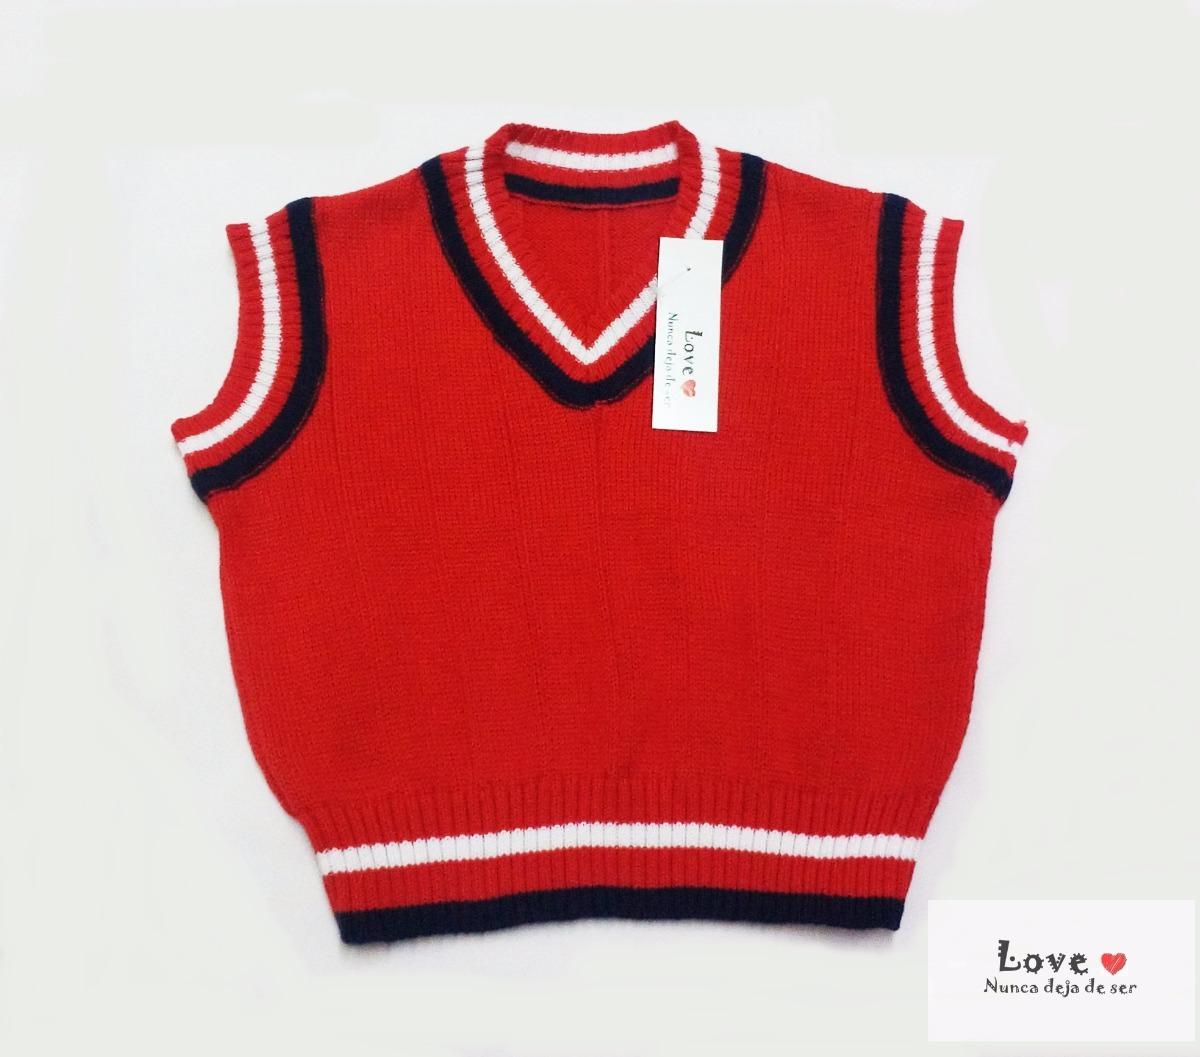 84e221eb3 chalecos tejidos de vestir para bebe niño niña. Cargando zoom.